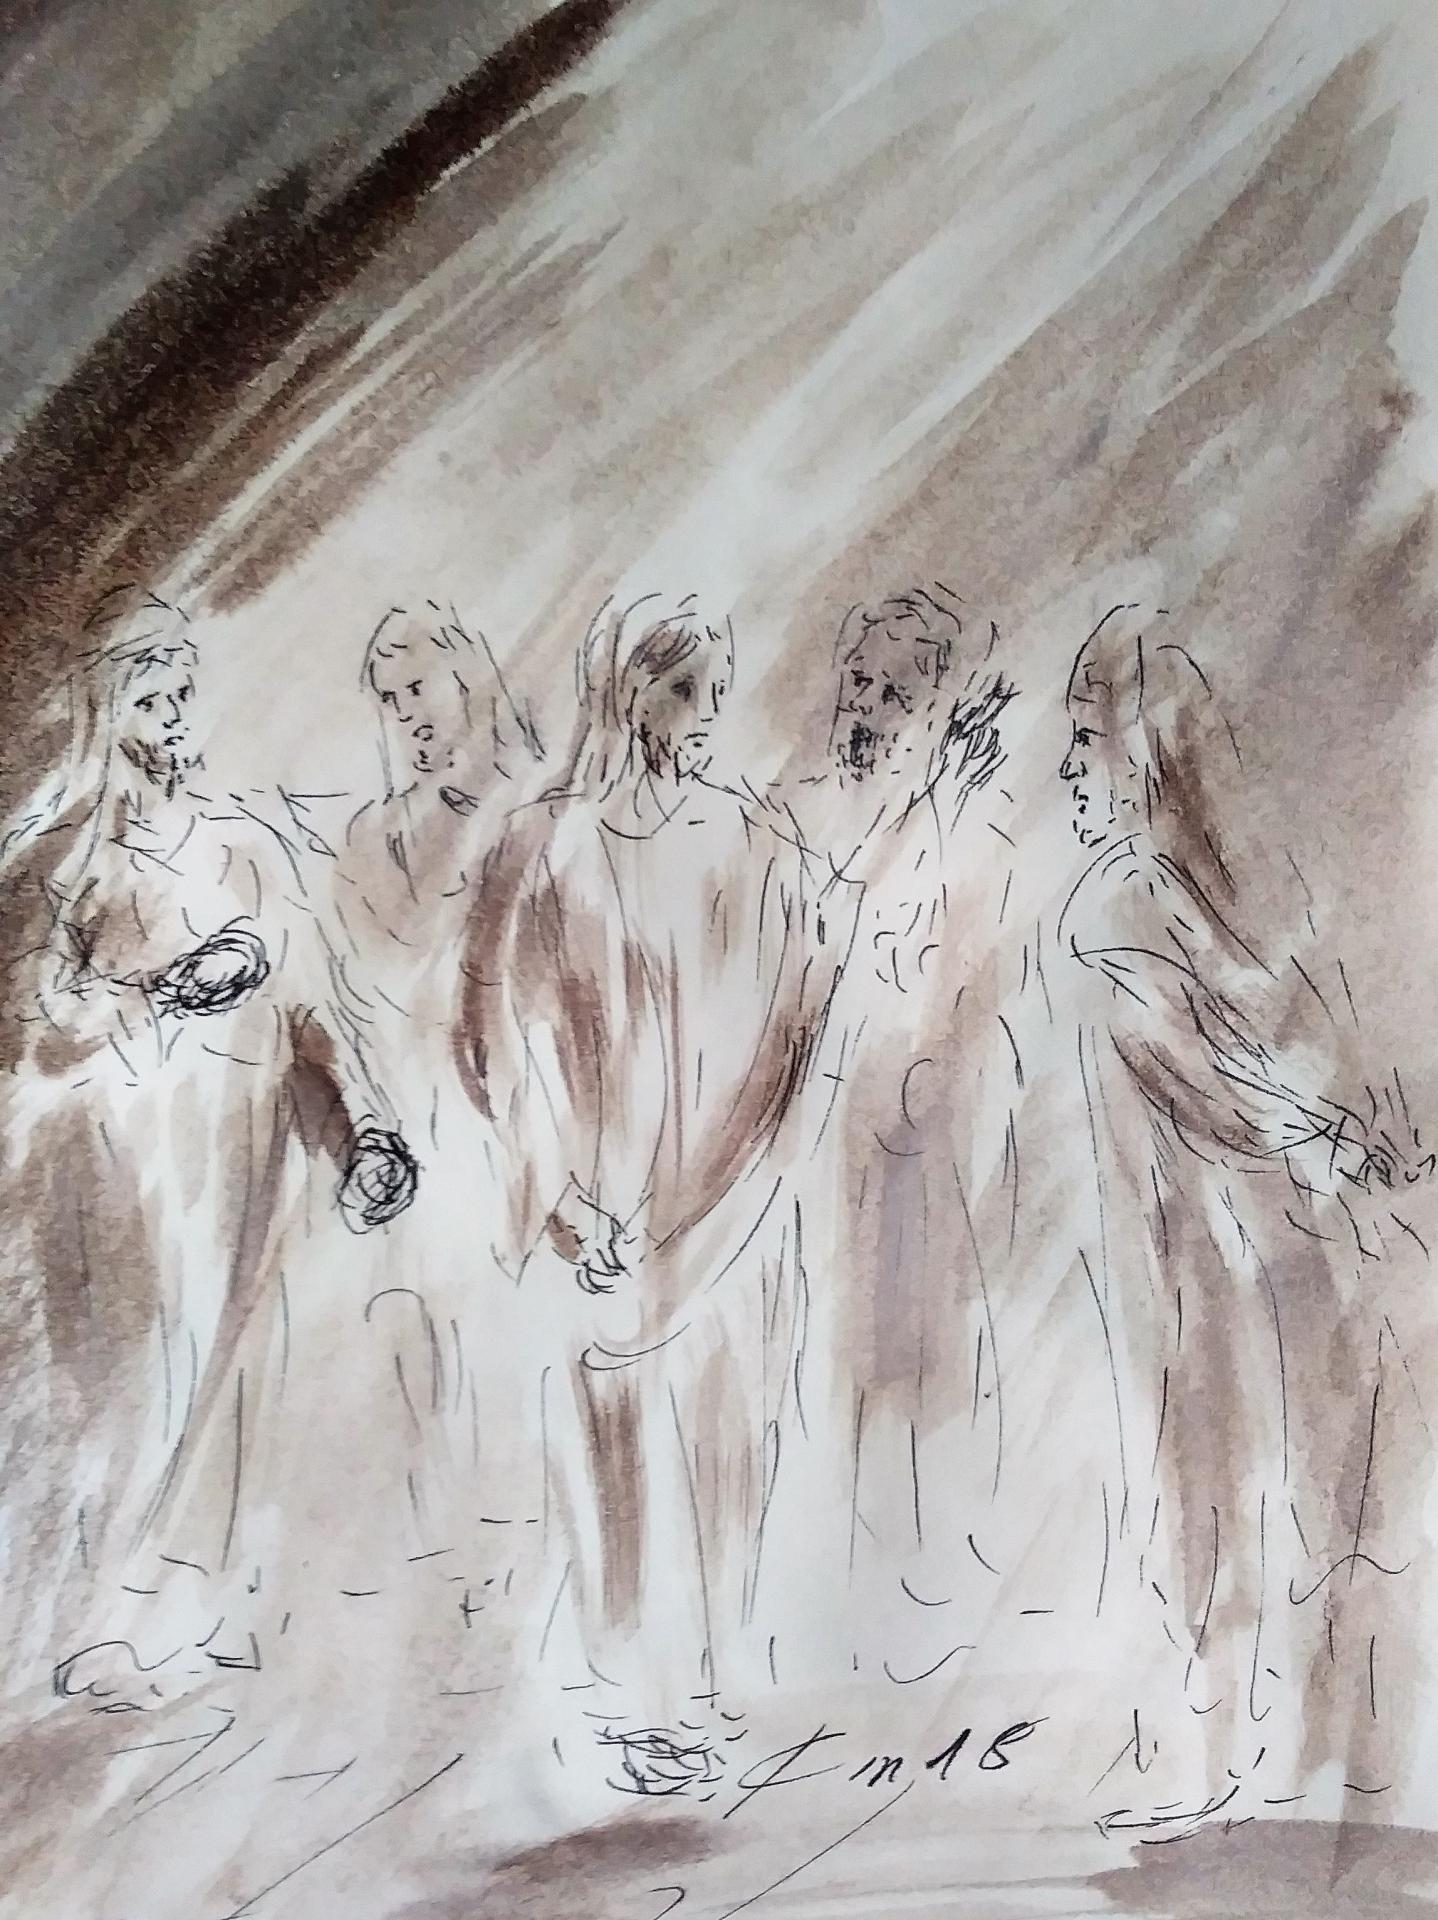 23 mars 2018 evangile du jour illustre par un dessin au lavis de jean joseph chevalier 1